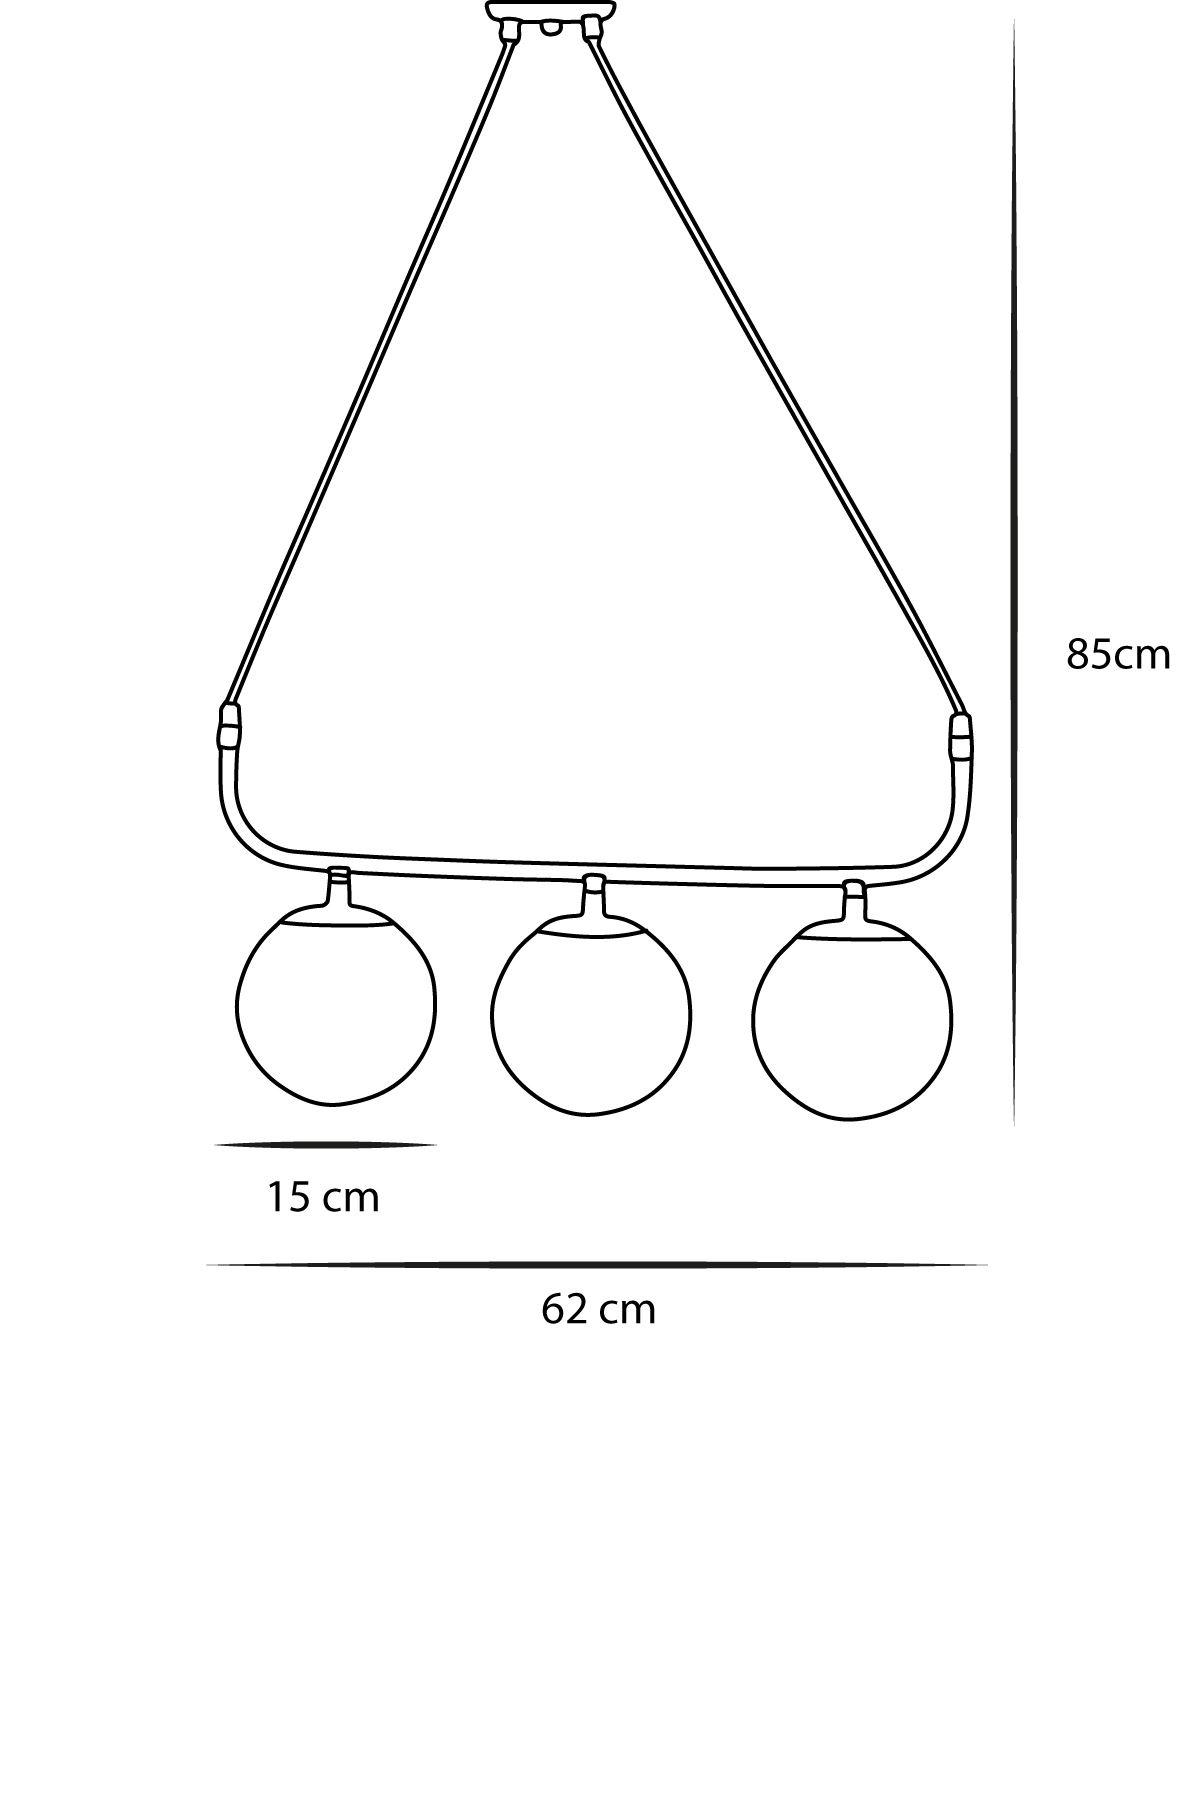 Delta 3 Lü Siyah-Krom Metal Gövde Füme Camlı Tasarım Lüx Avize